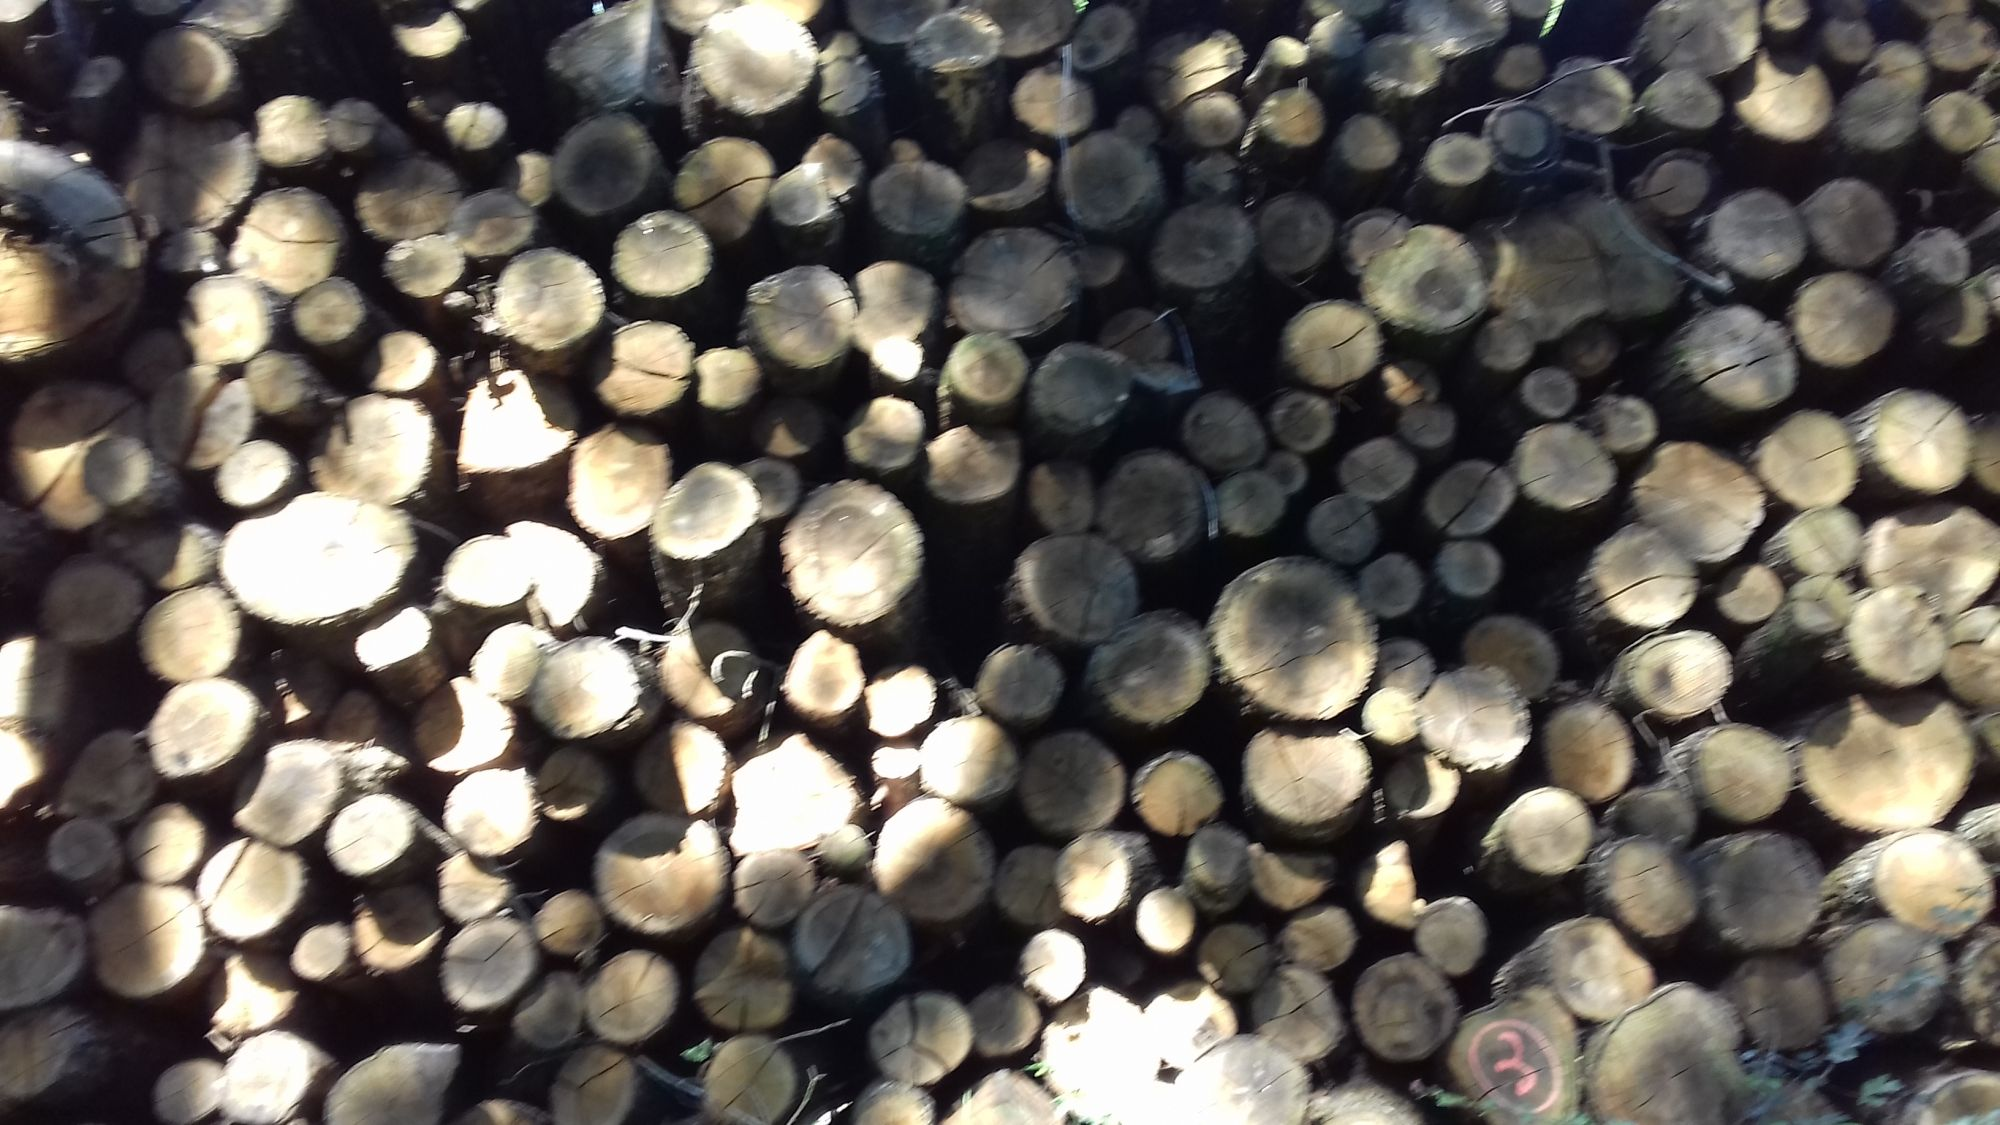 bois de chauffage 26site internet pour revendeur de combustible bois dans la Drôme